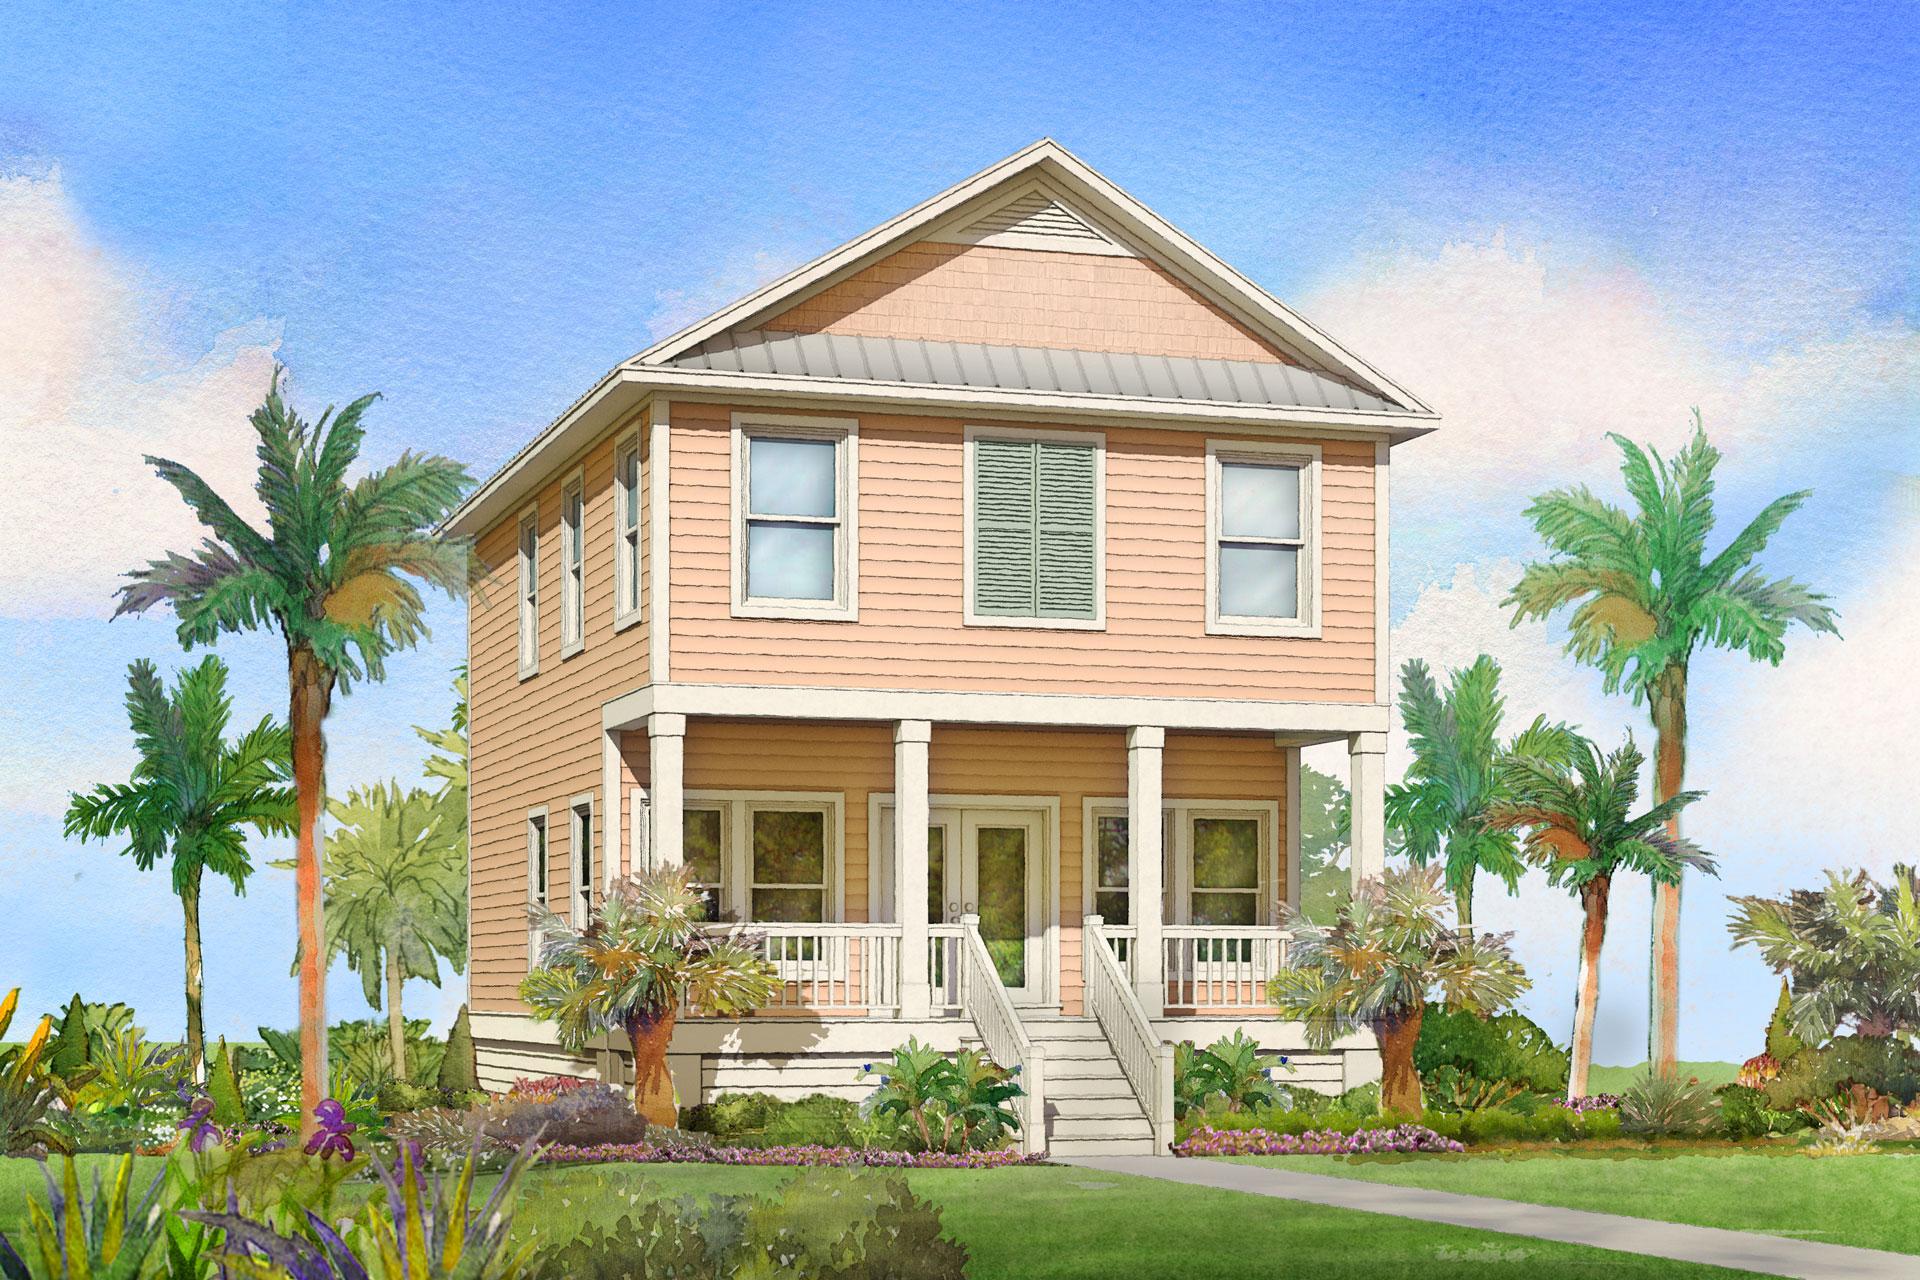 redfish modular home rendering